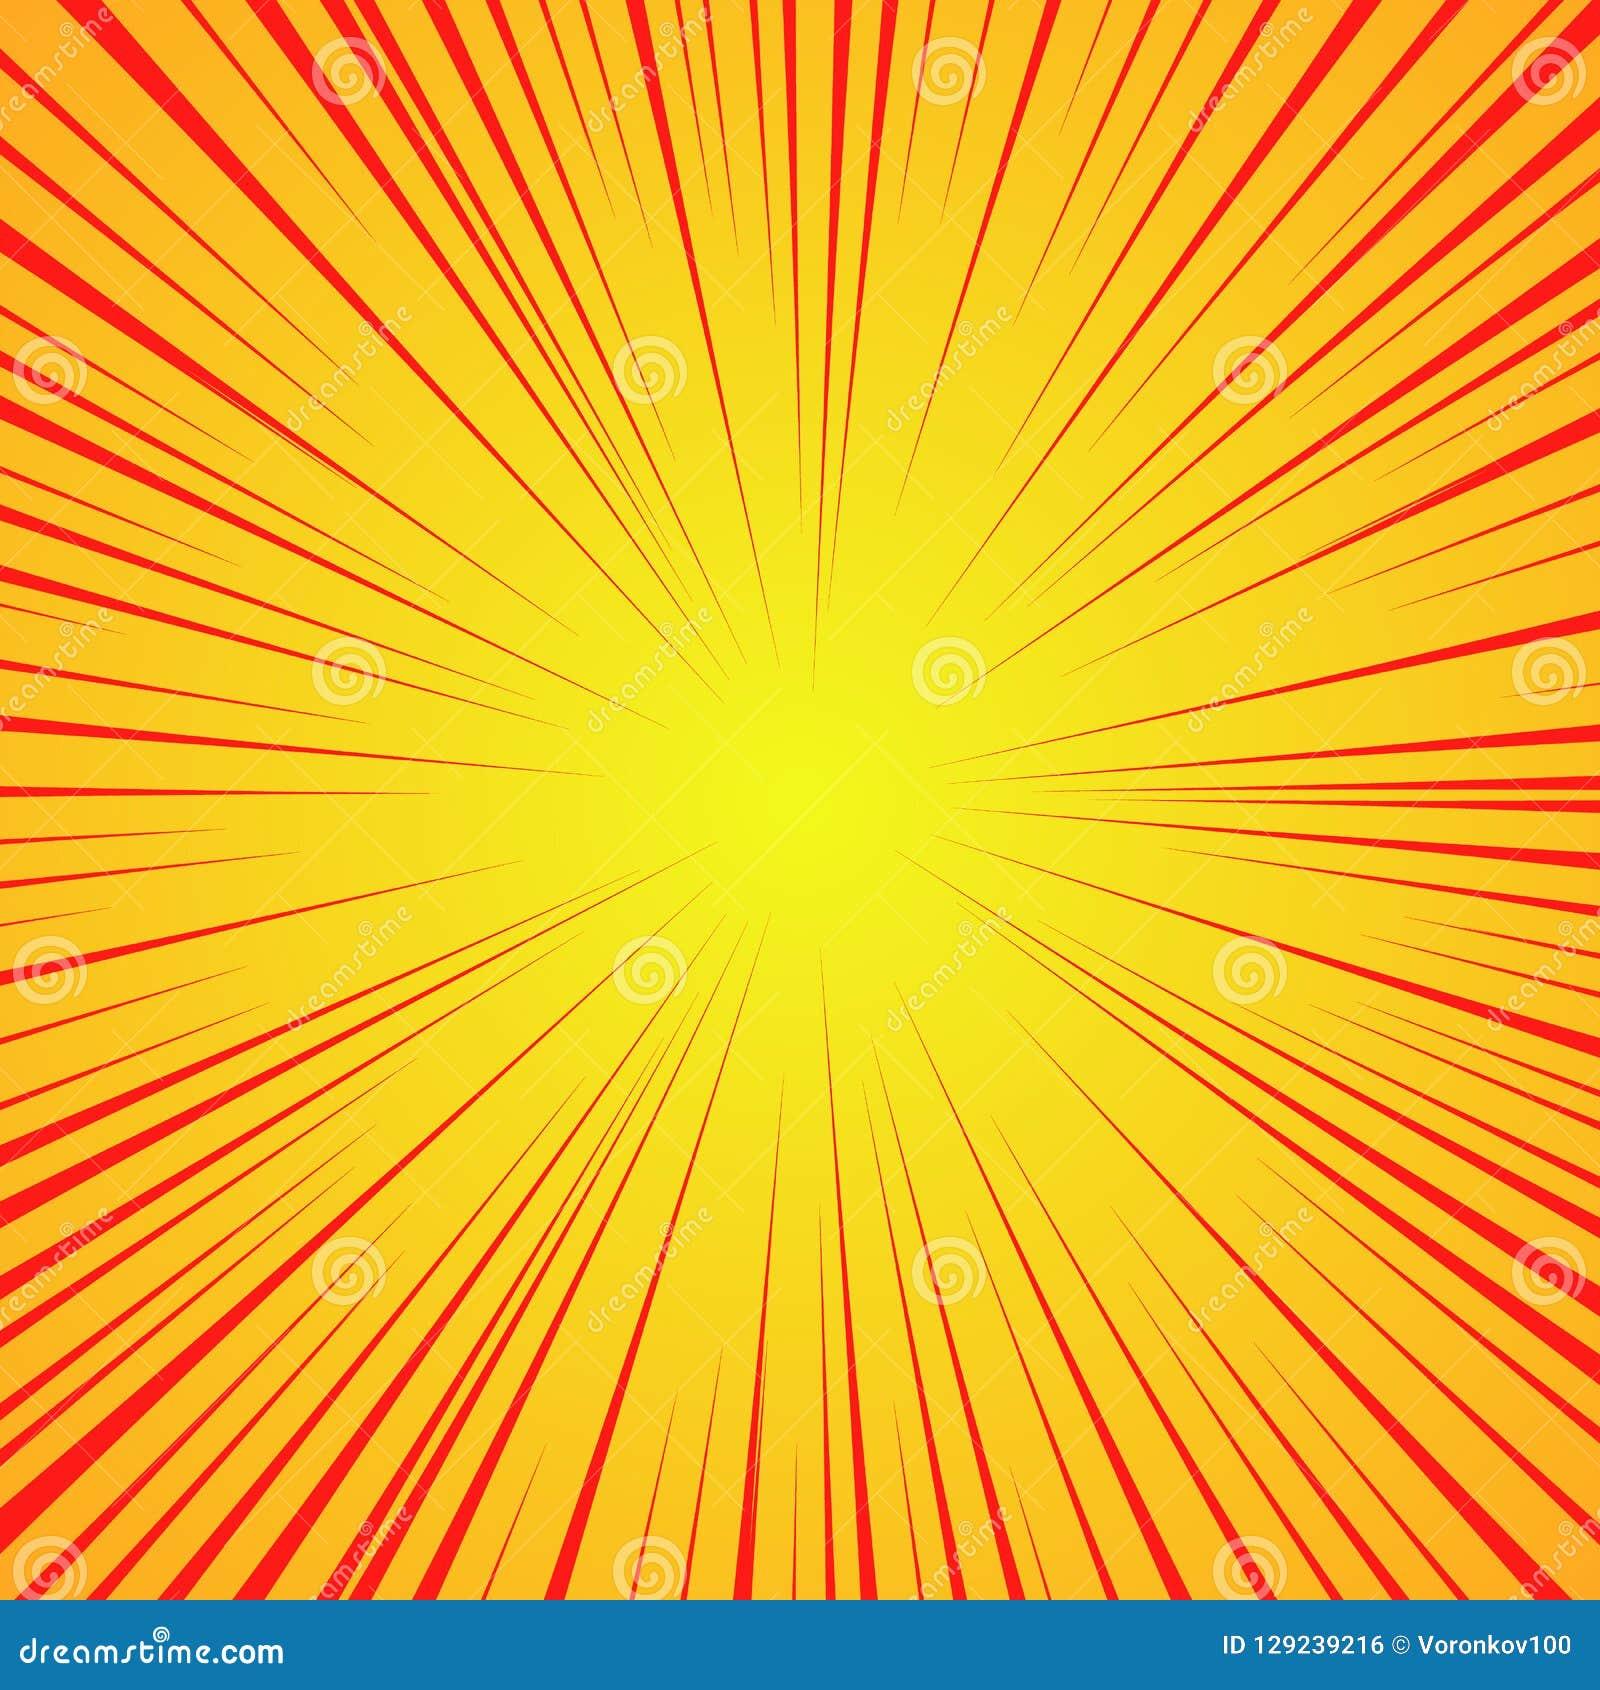 Linhas vermelhas radiais em um fundo amarelo Velocidade da banda desenhada, explosão Sumário Ilustração do vetor para o projeto g